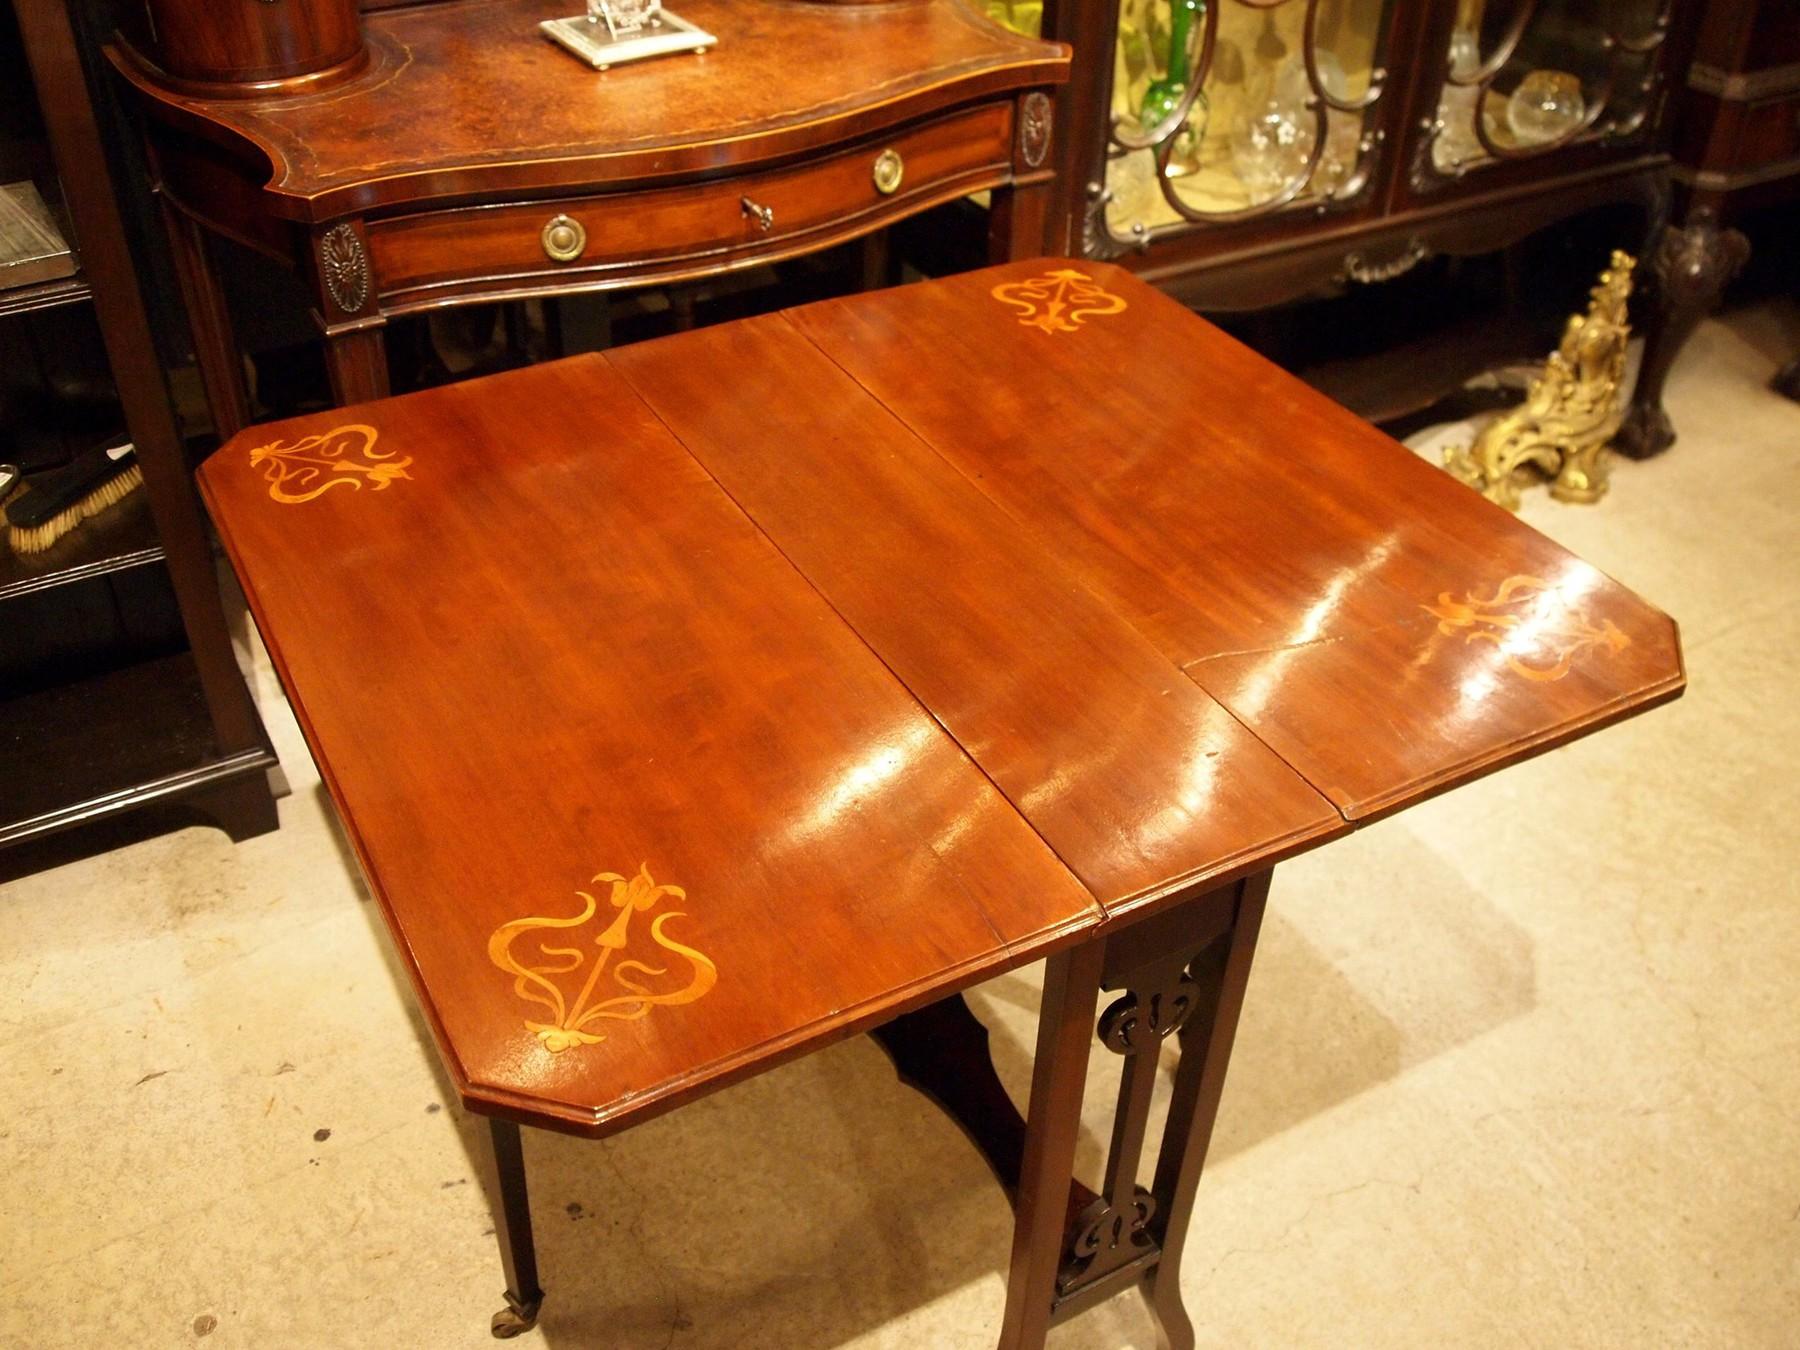 table201016a_07.JPG